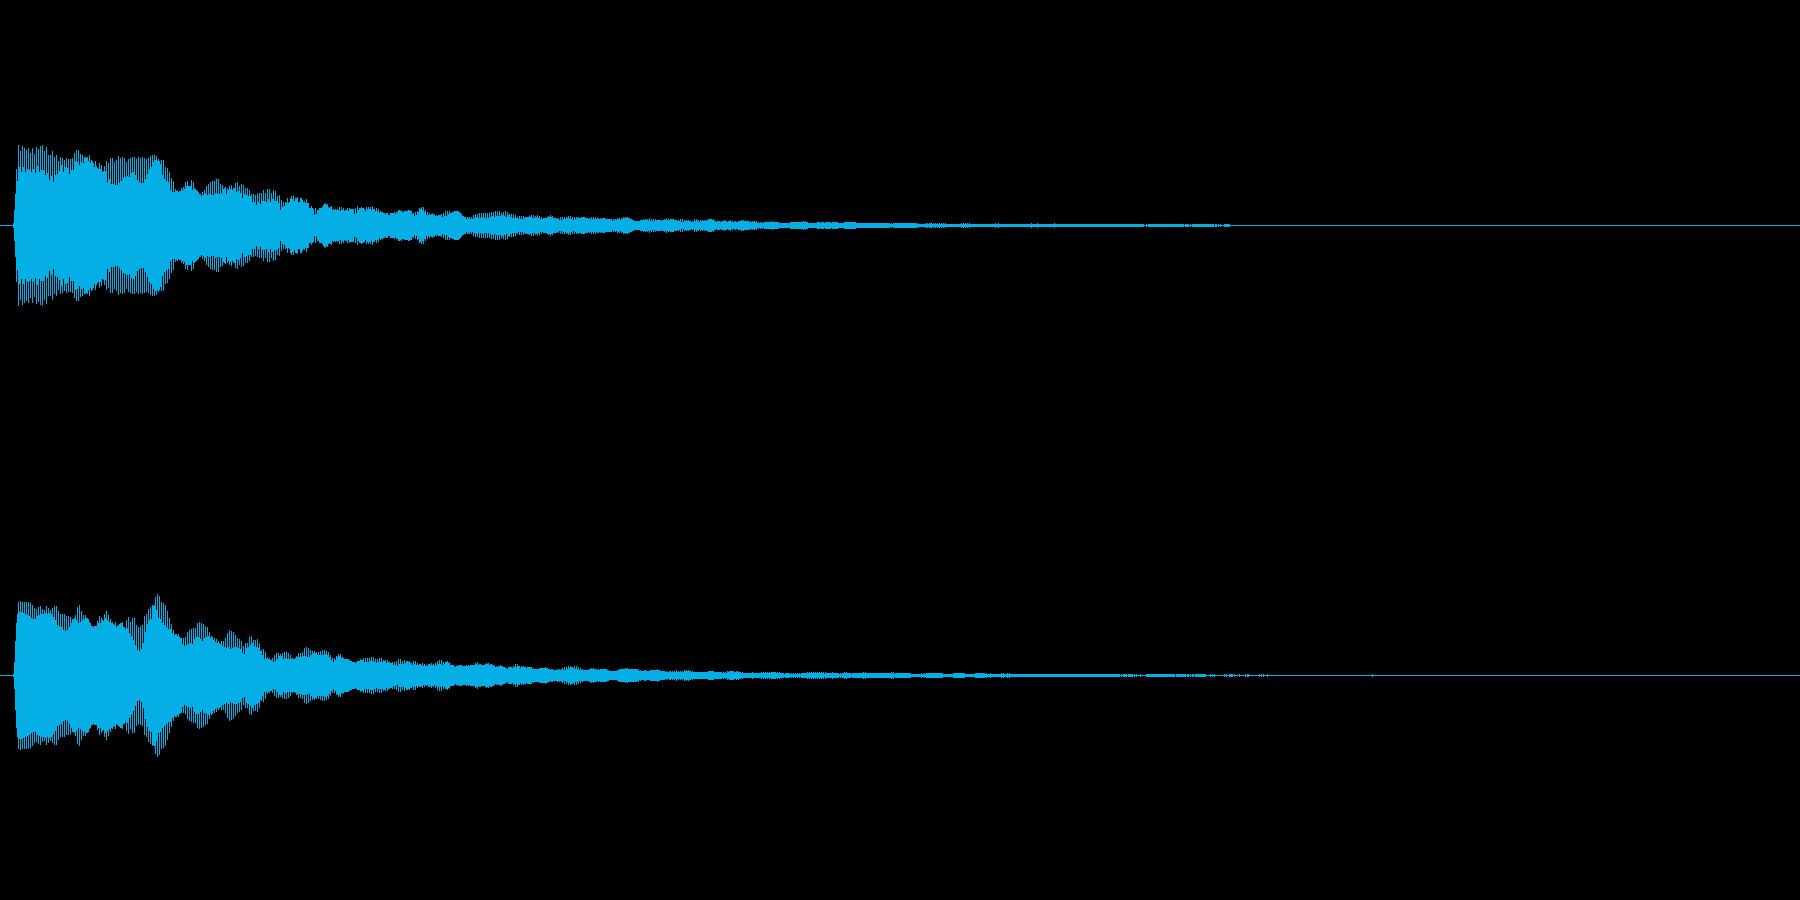 カーソル移動音 マウスオーバー等を想定の再生済みの波形